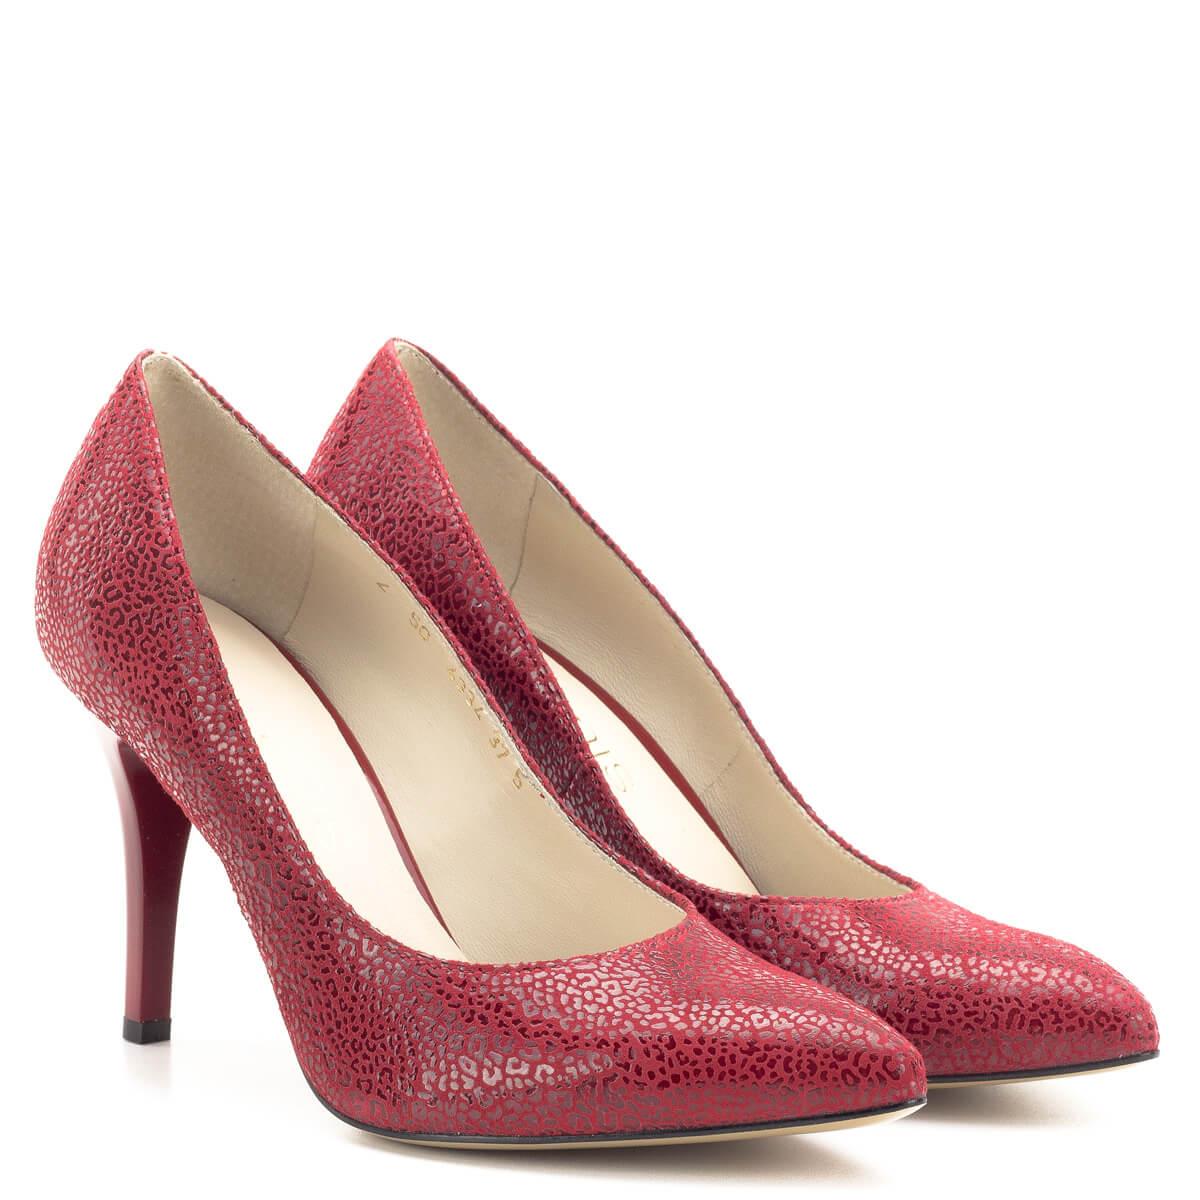 Anis alkalmi cipő piros színben 9 cm magas sarokkal f6eba4d1d7